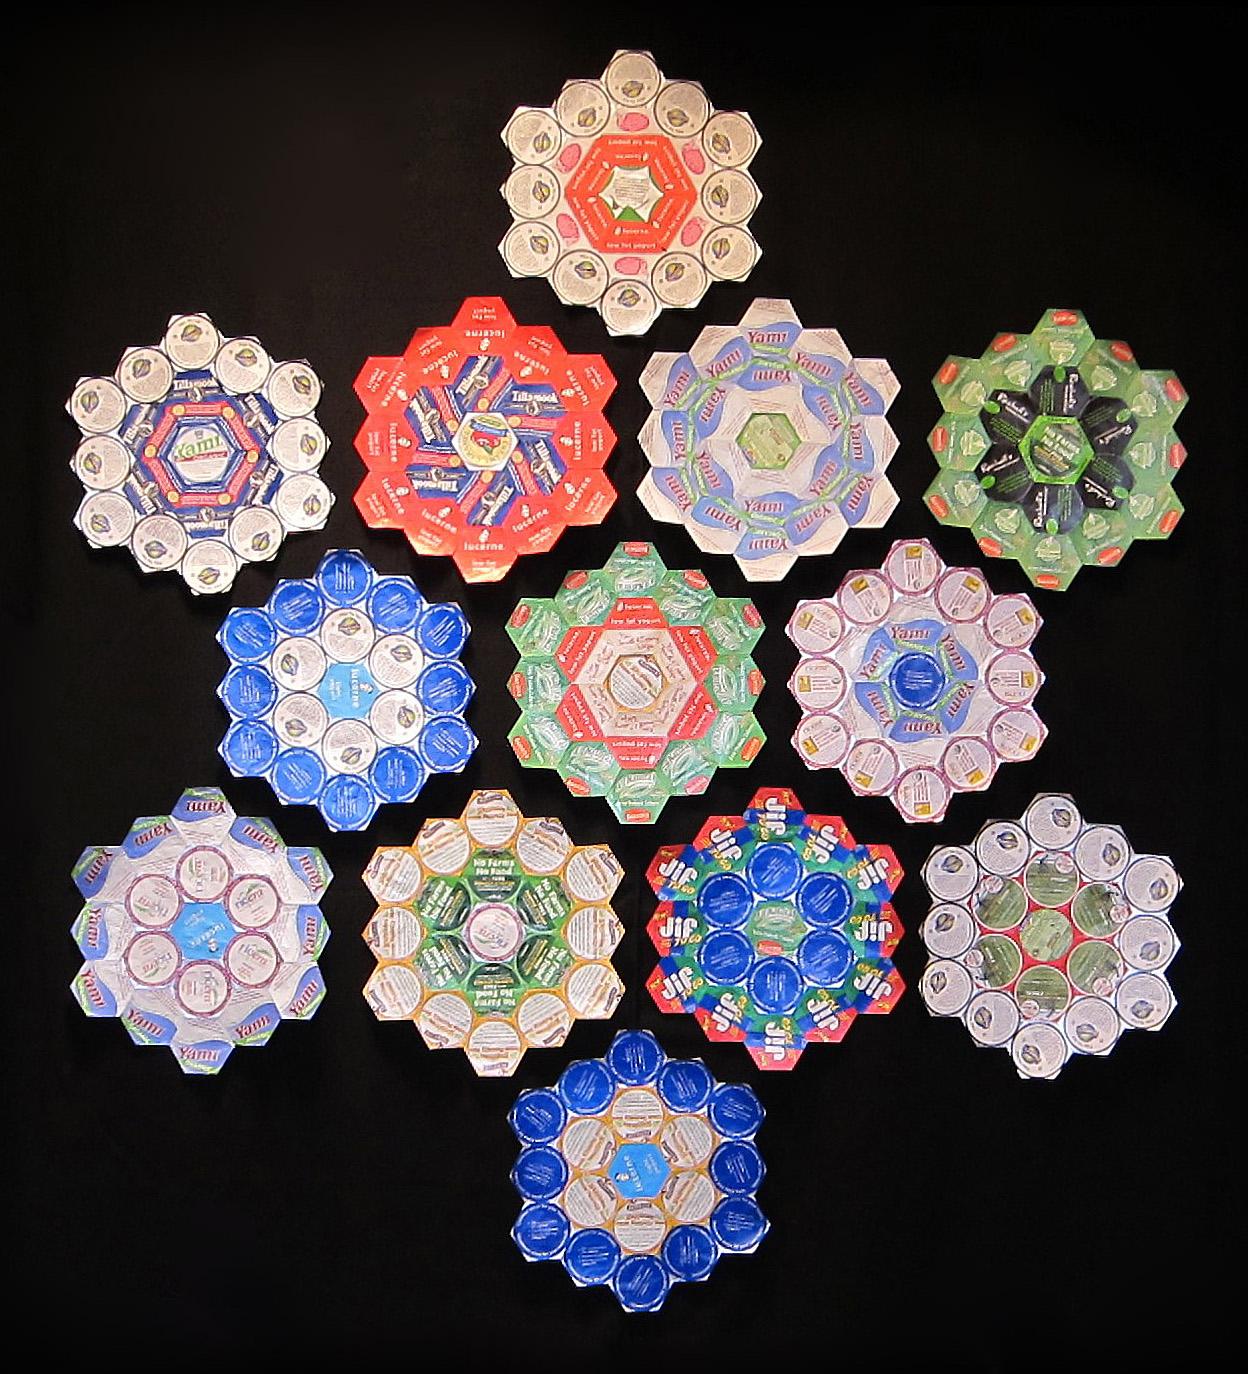 cheri-kopp-not-your-grandmas-flower-garden-quilt-13-blocks.jpg